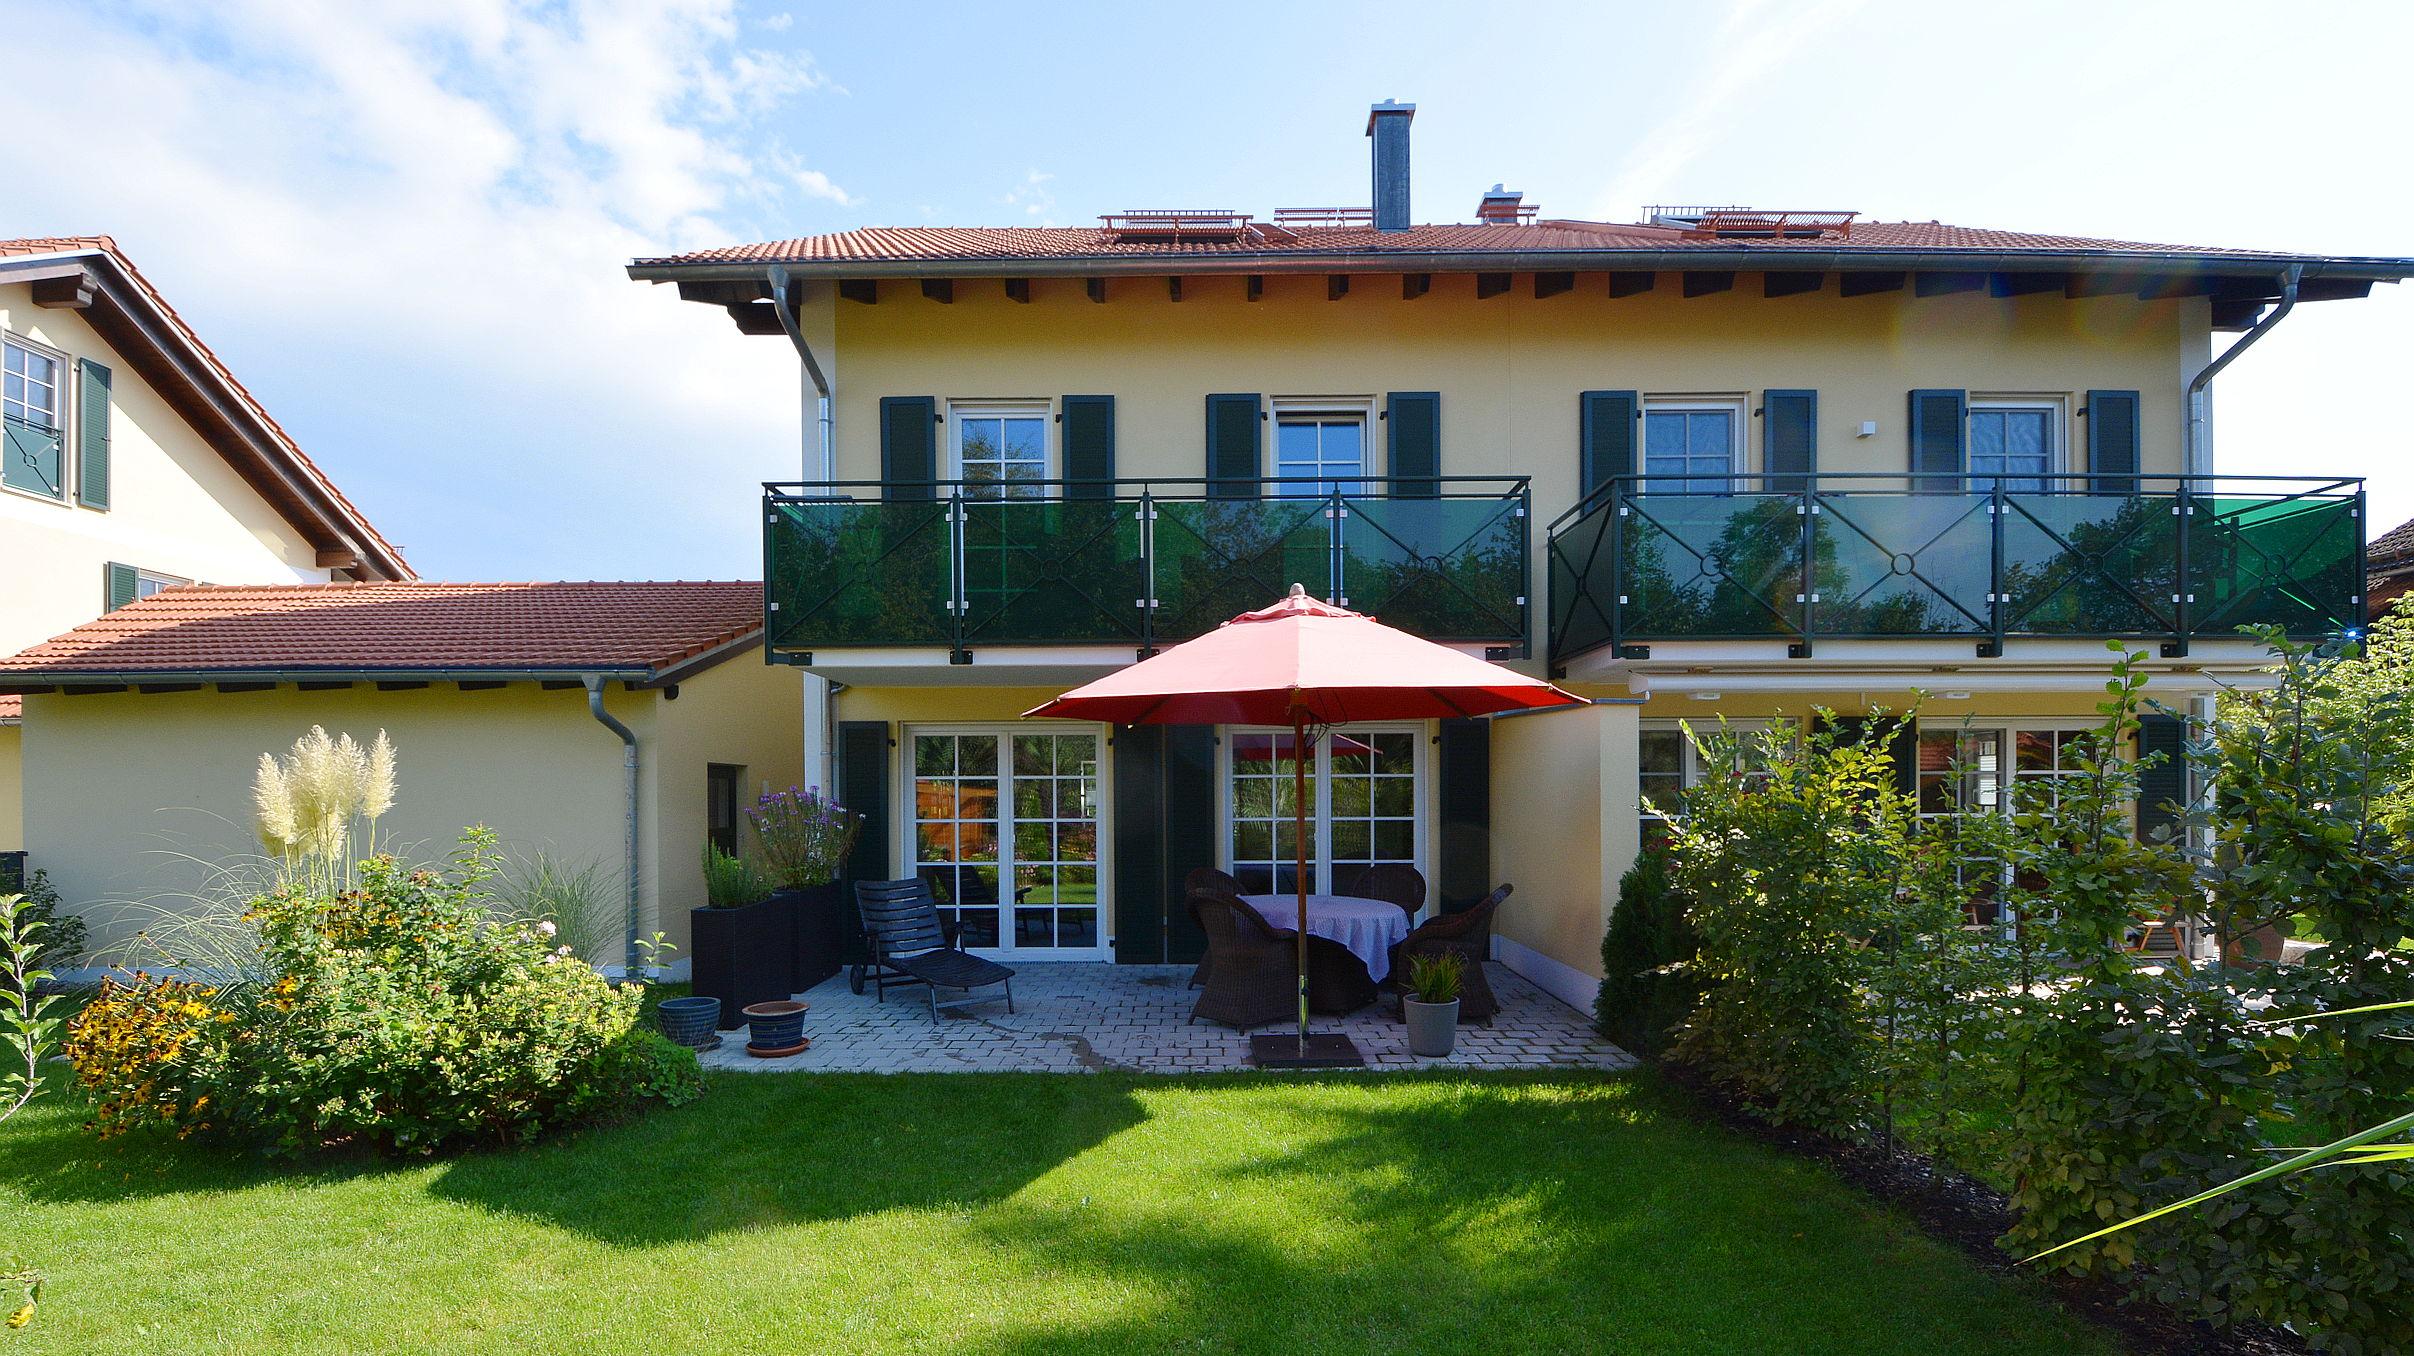 Lorenz immobilien m nchen - Gartengestaltung doppelhaushalfte bilder ...